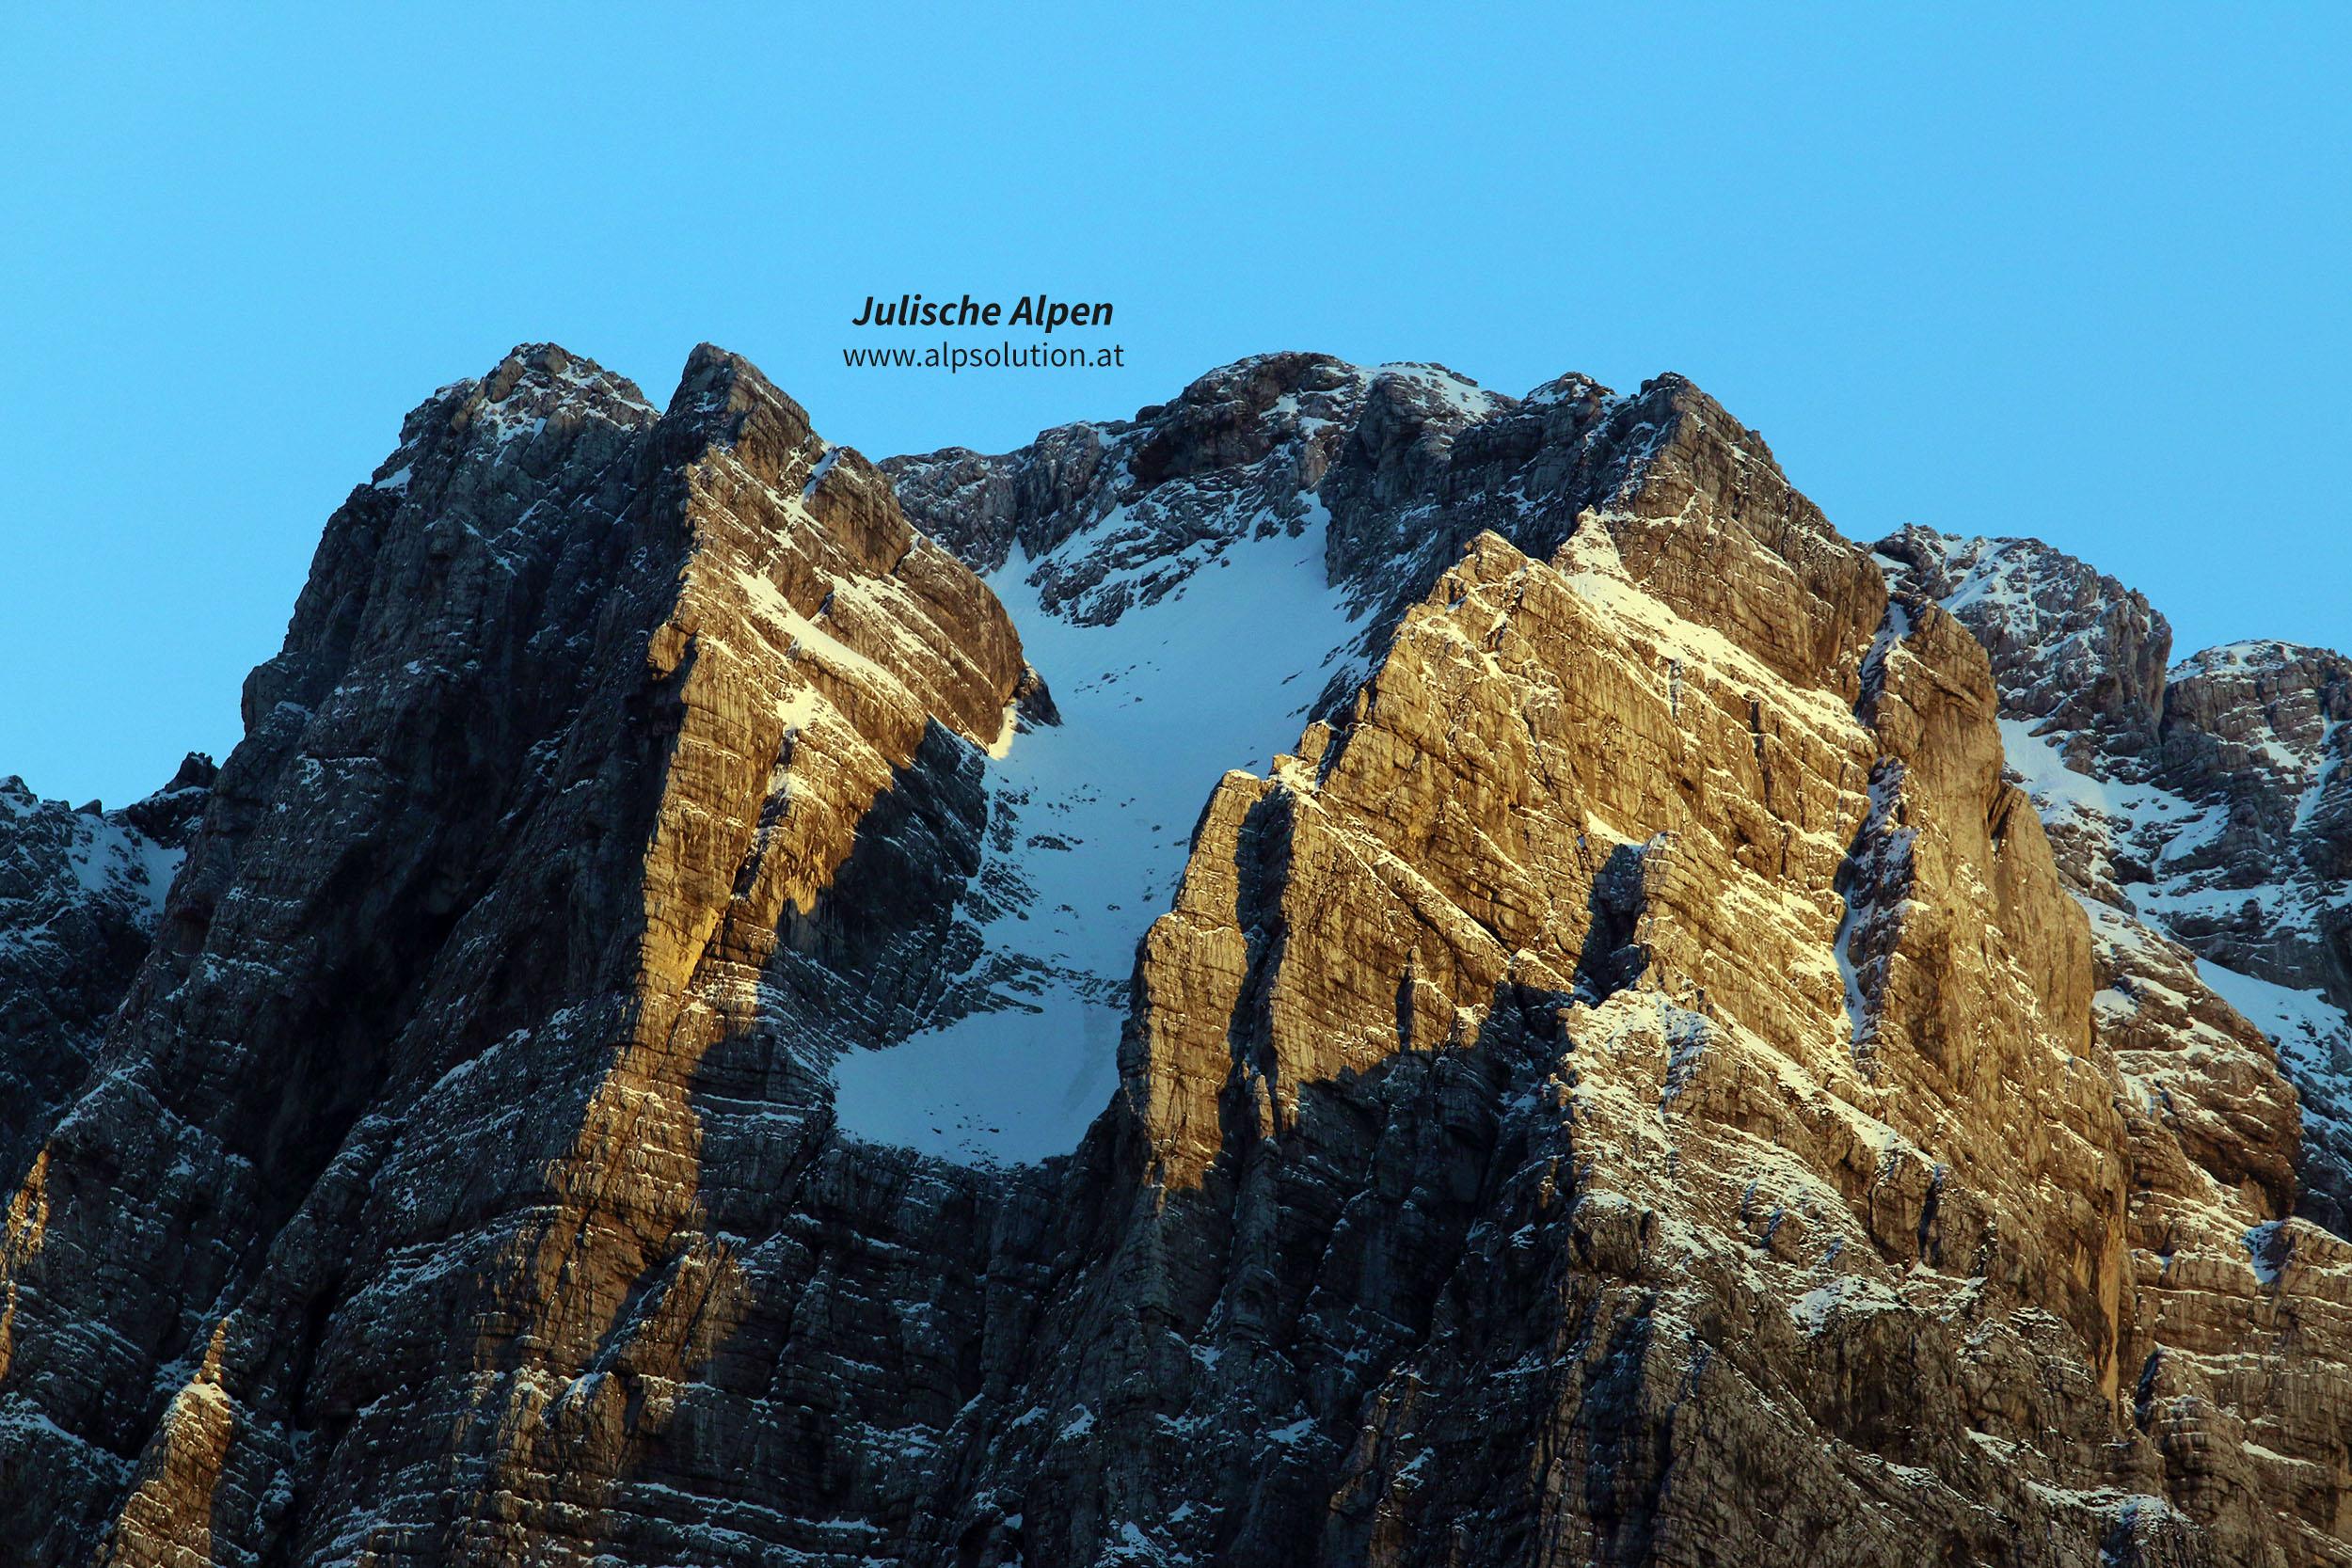 Klettersteig Julische Alpen : Die schönsten klettersteige in den karawanken julischen und